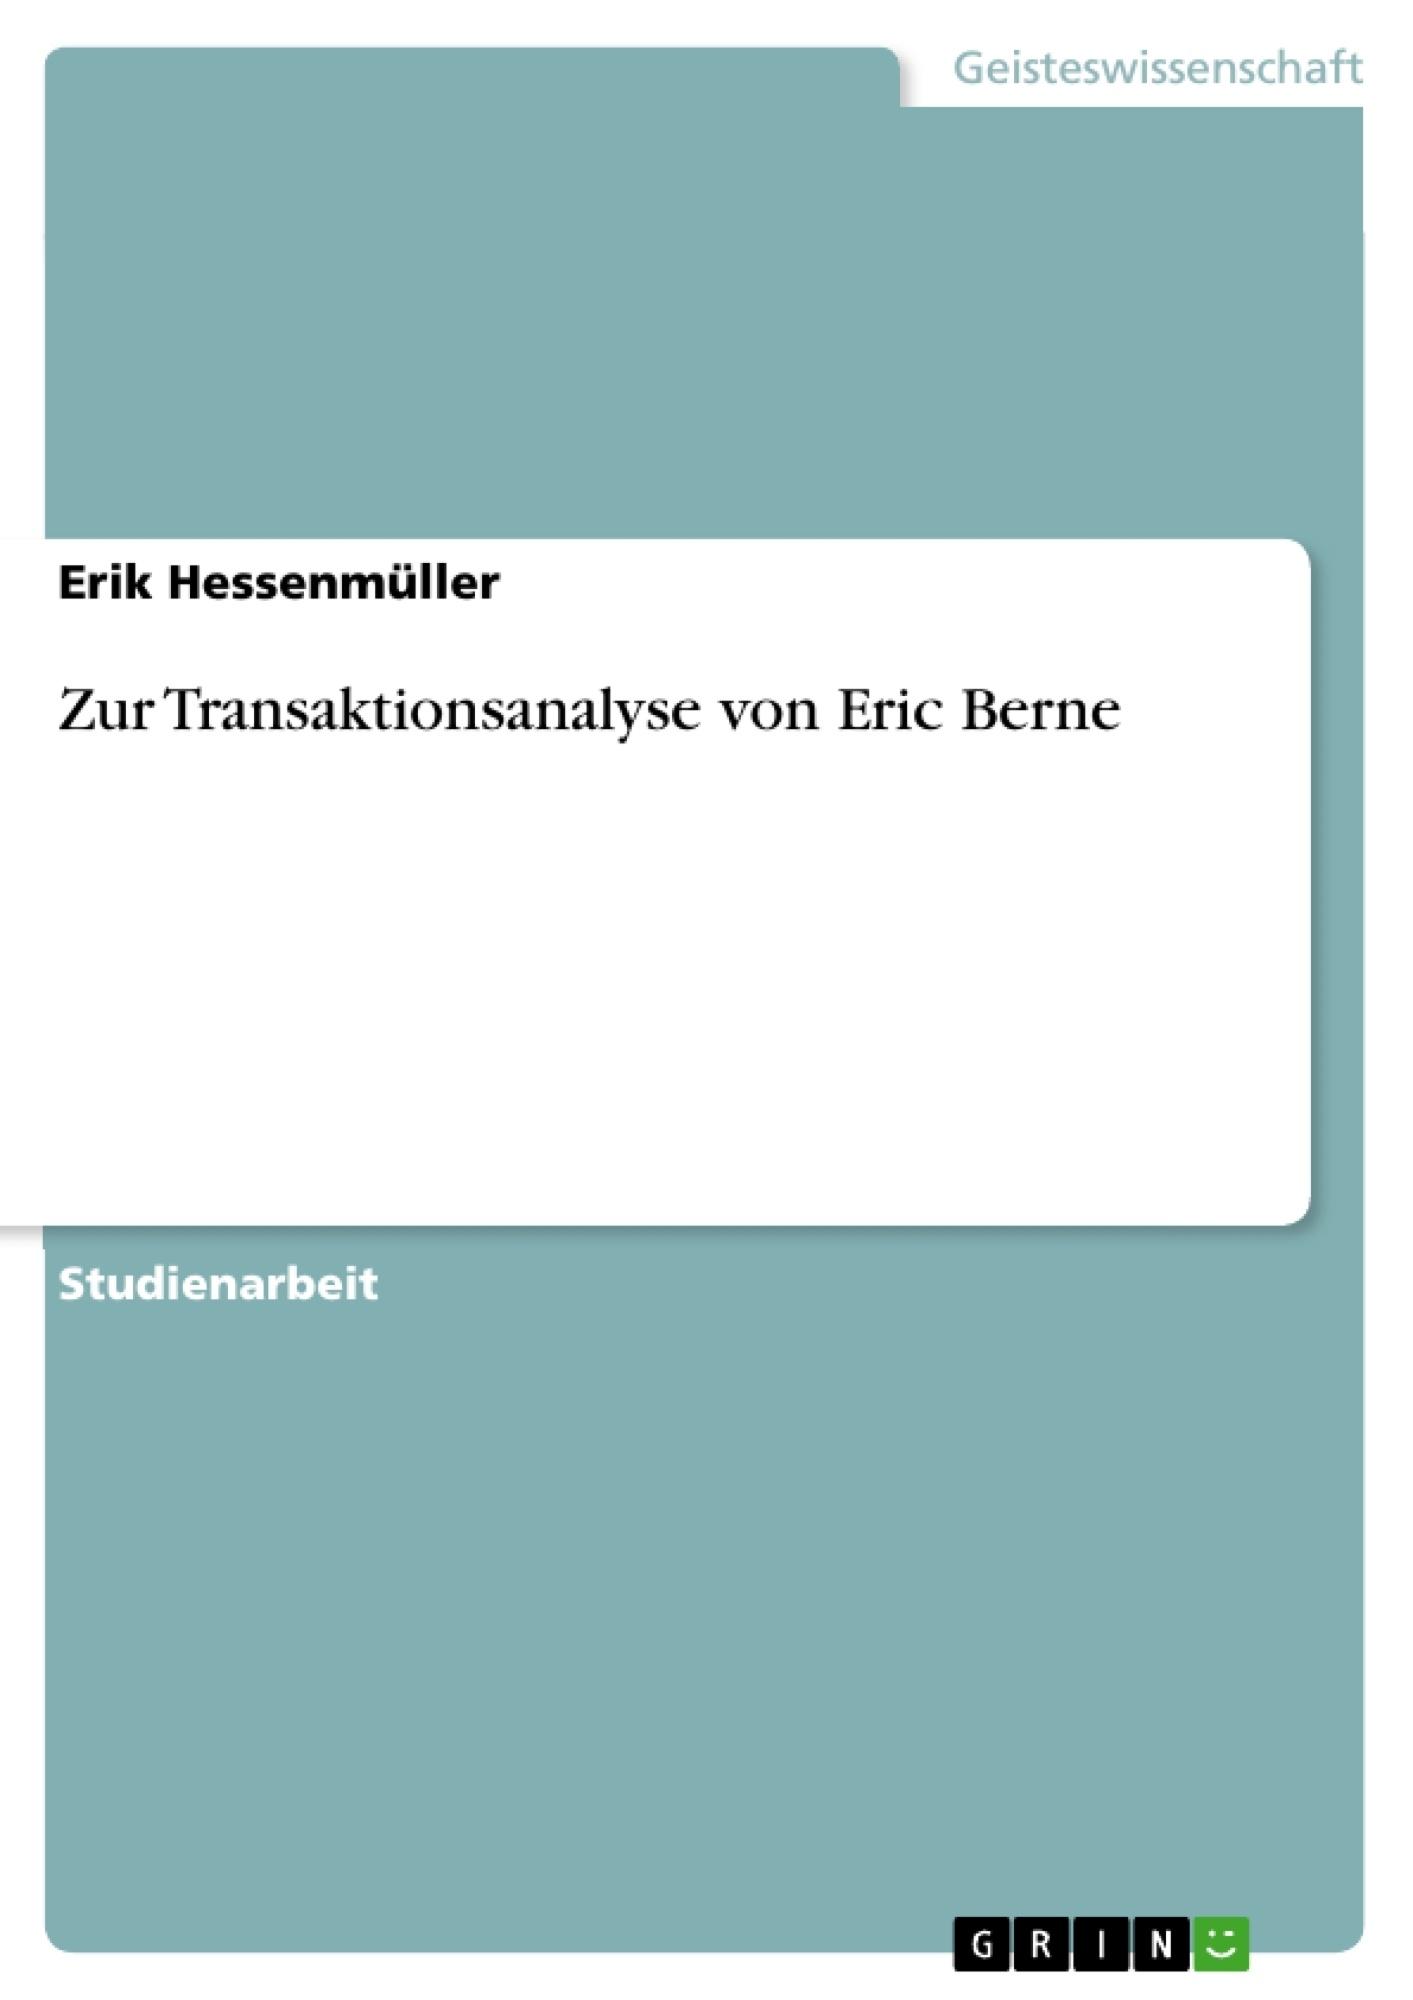 Titel: Zur Transaktionsanalyse von Eric Berne